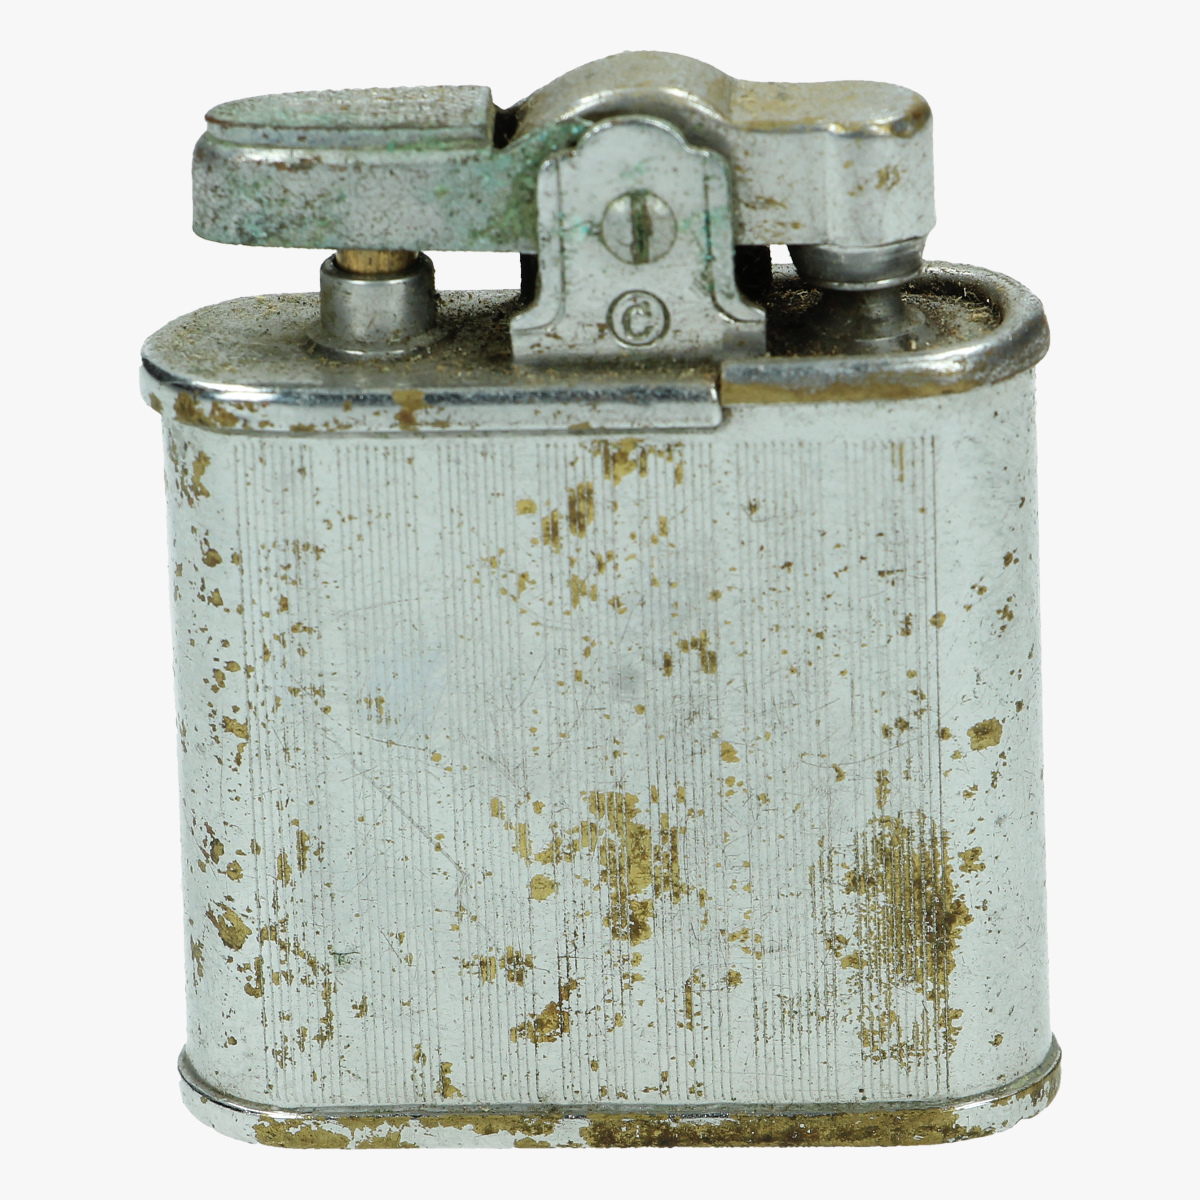 Afbeeldingen van oude aansteker narudan .